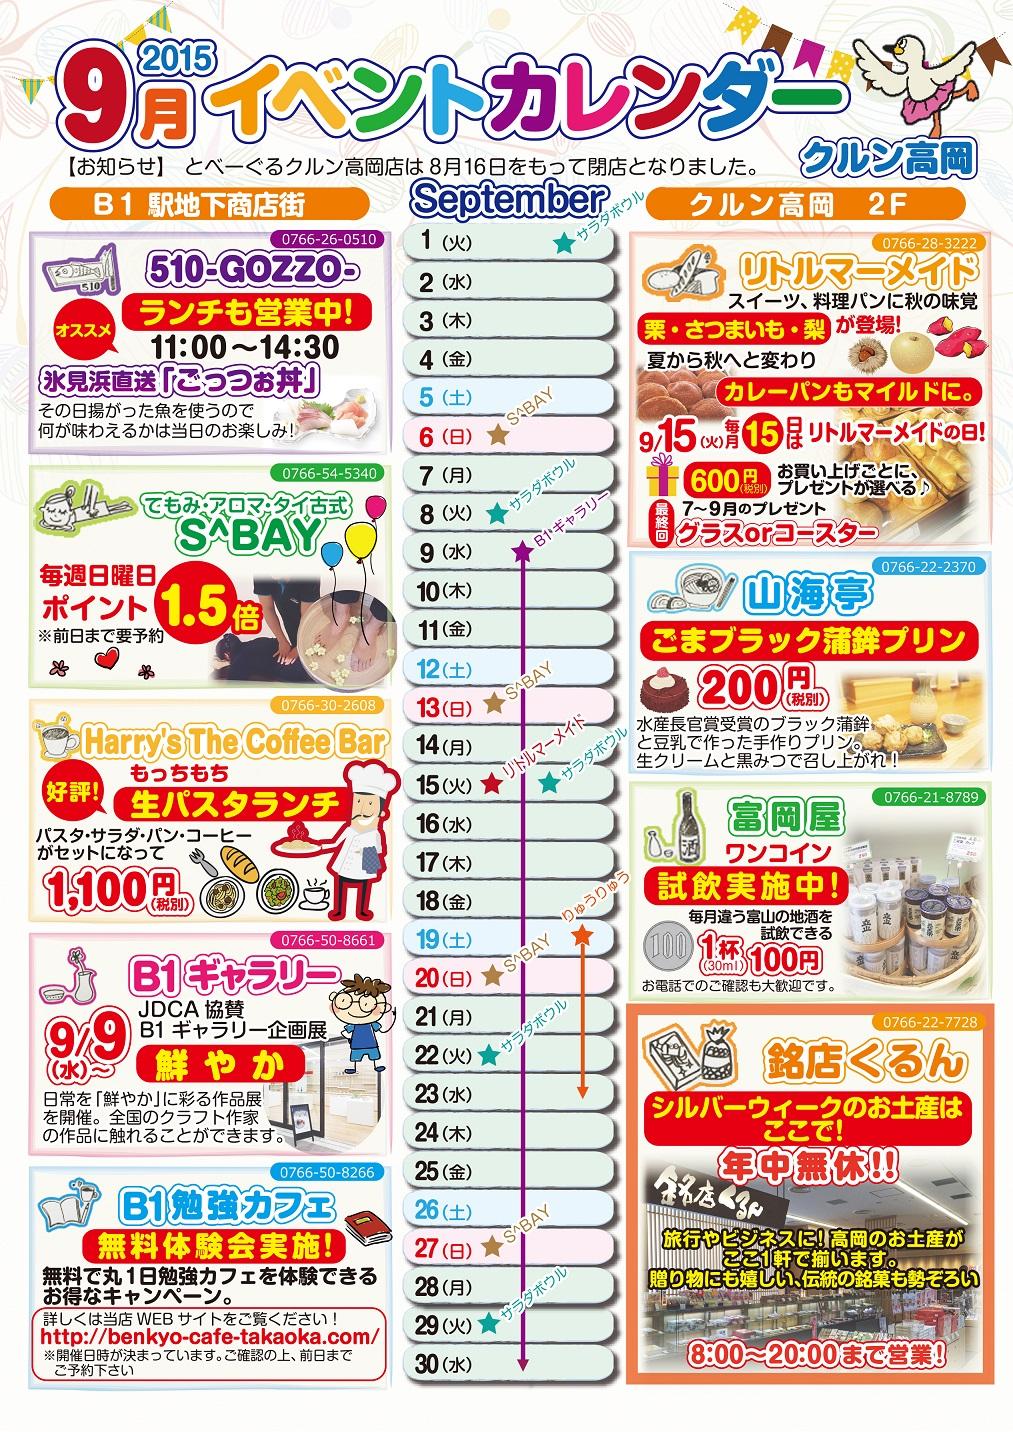 15_07takaokakurun_2